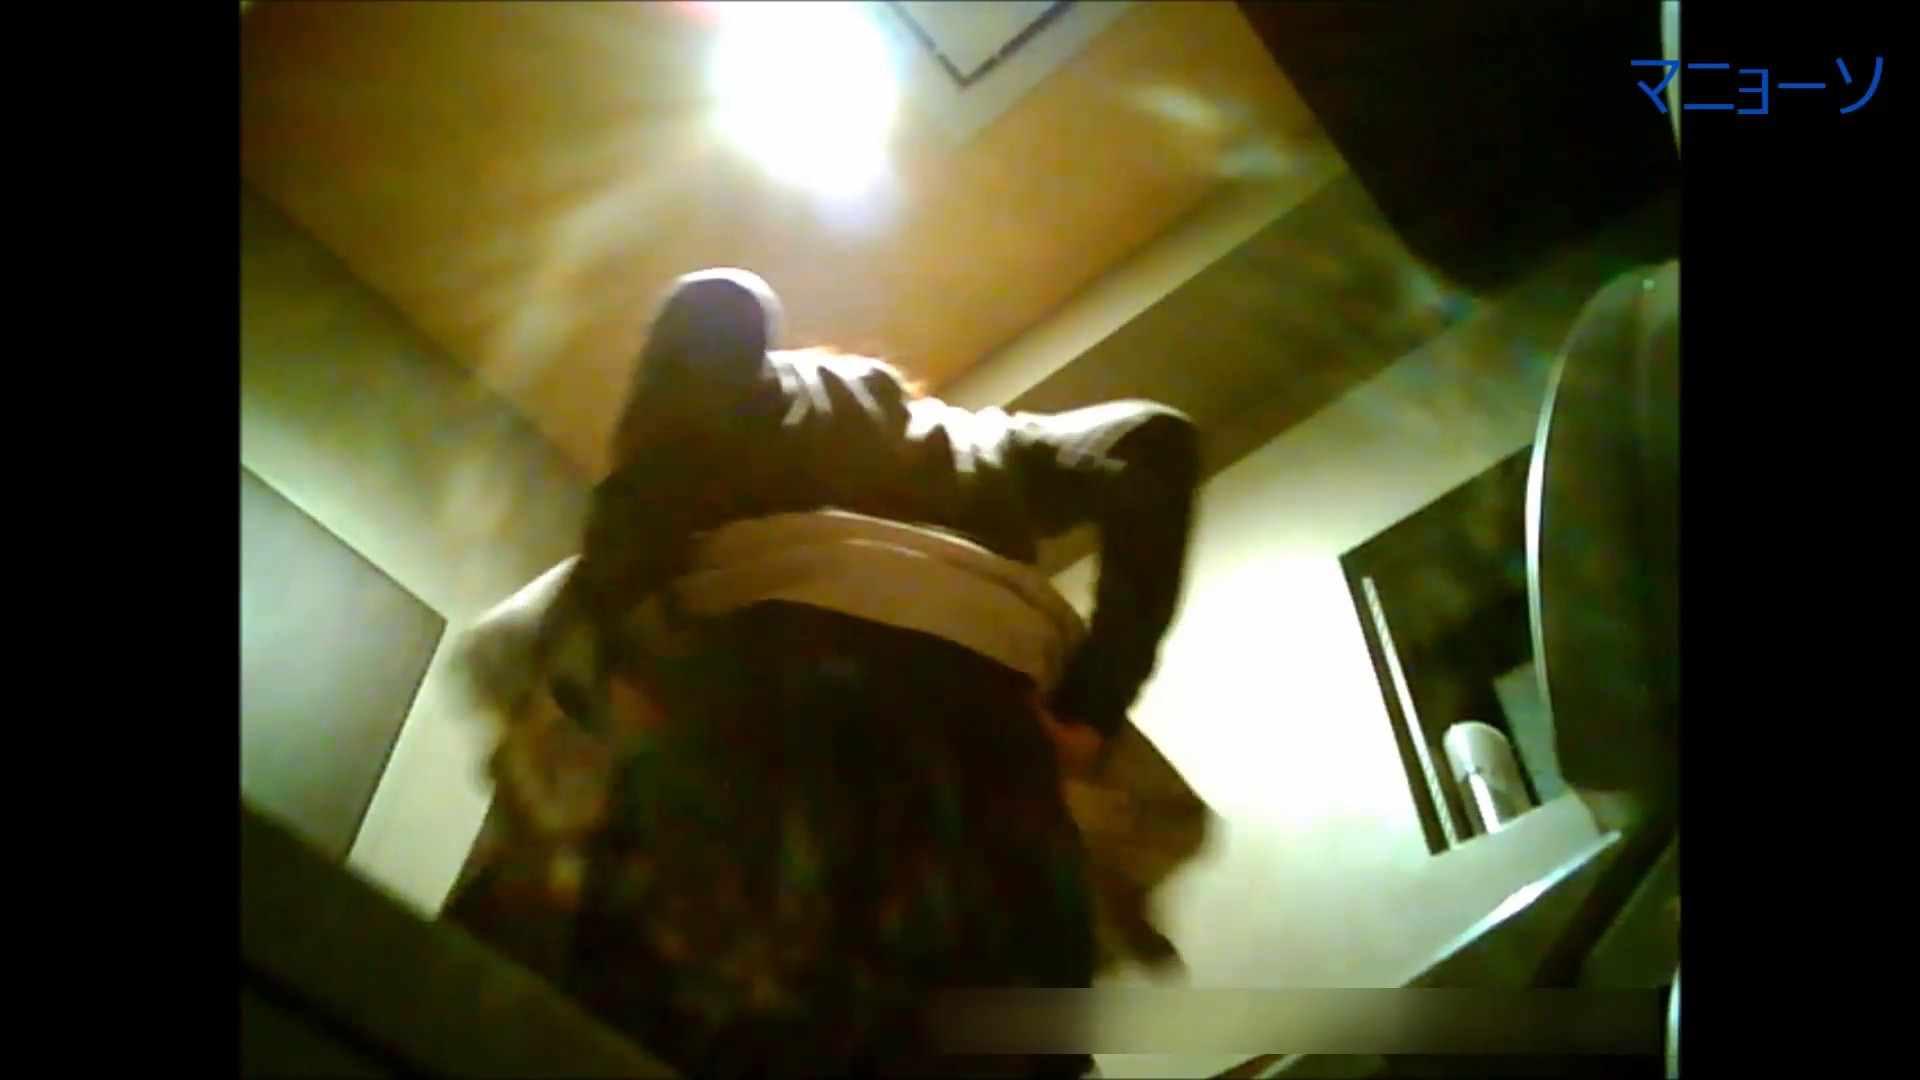 トイレでひと肌脱いでもらいました (JD編)Vol.01 OL  93pic 49